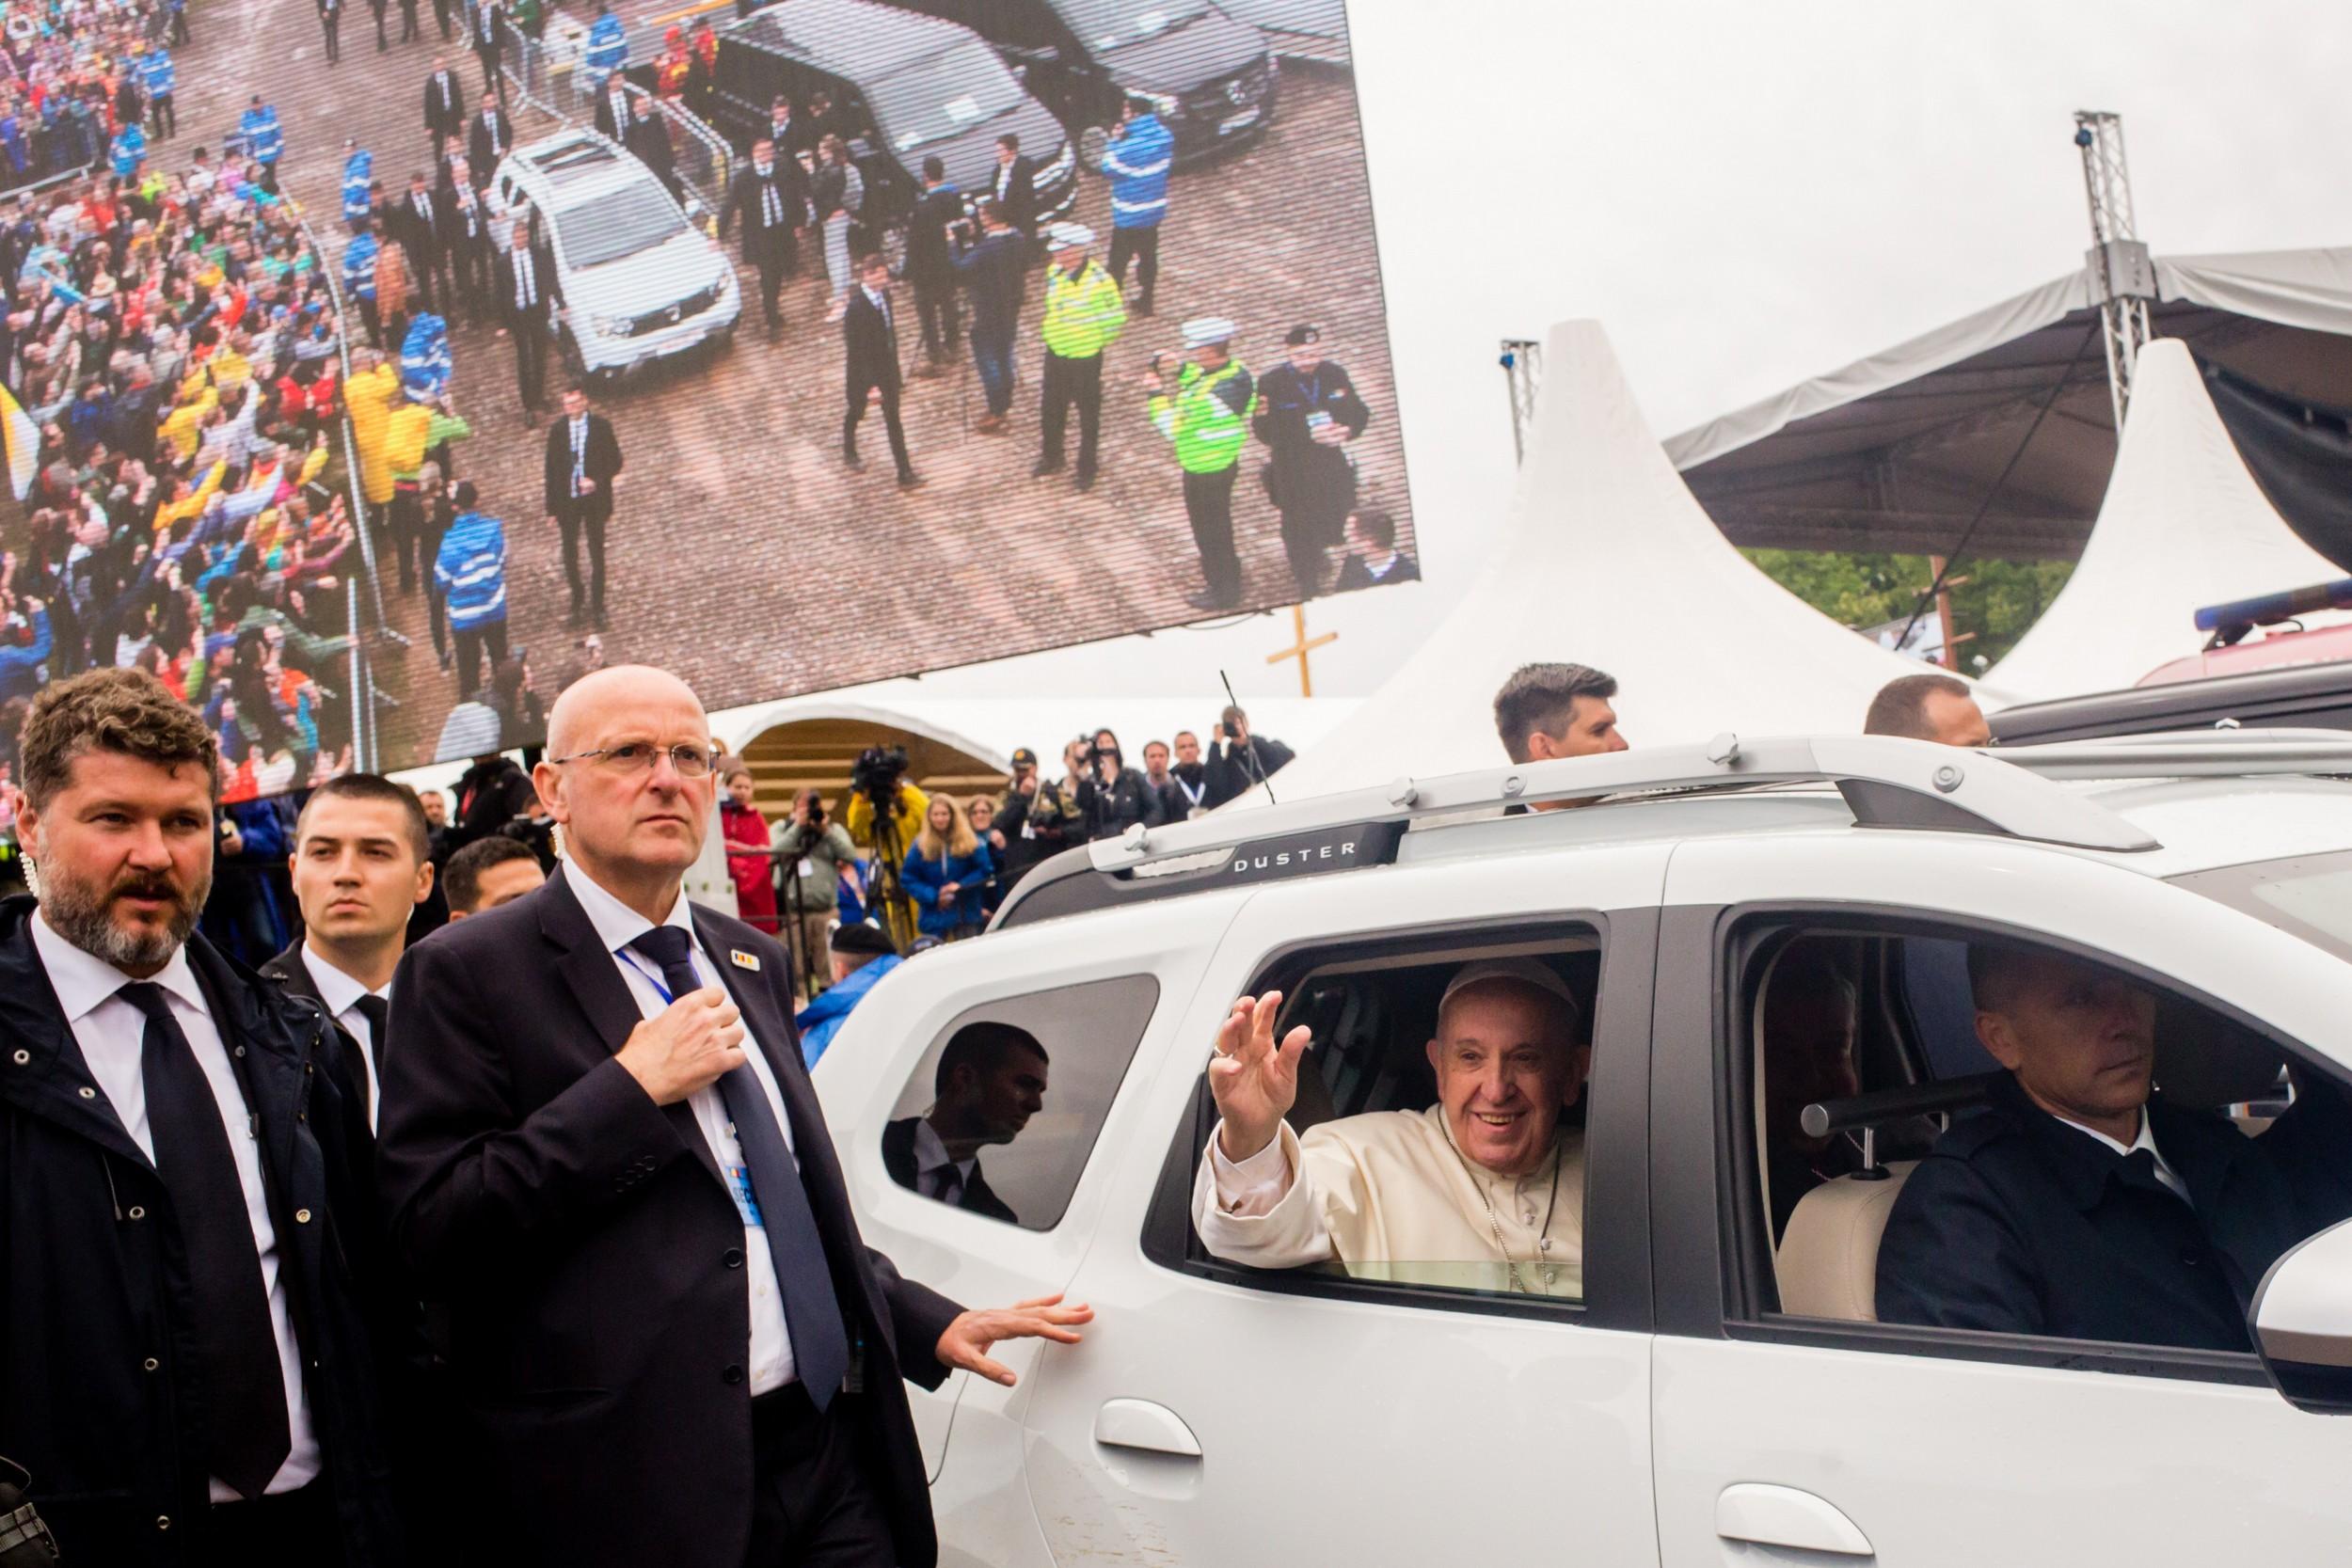 FOTOREPORTAJ DOCUMENTARIA/ Retrospectiva unui eveniment istoric. Papa Francisc, 3 zile de vizită în România, în 36 de fotografii